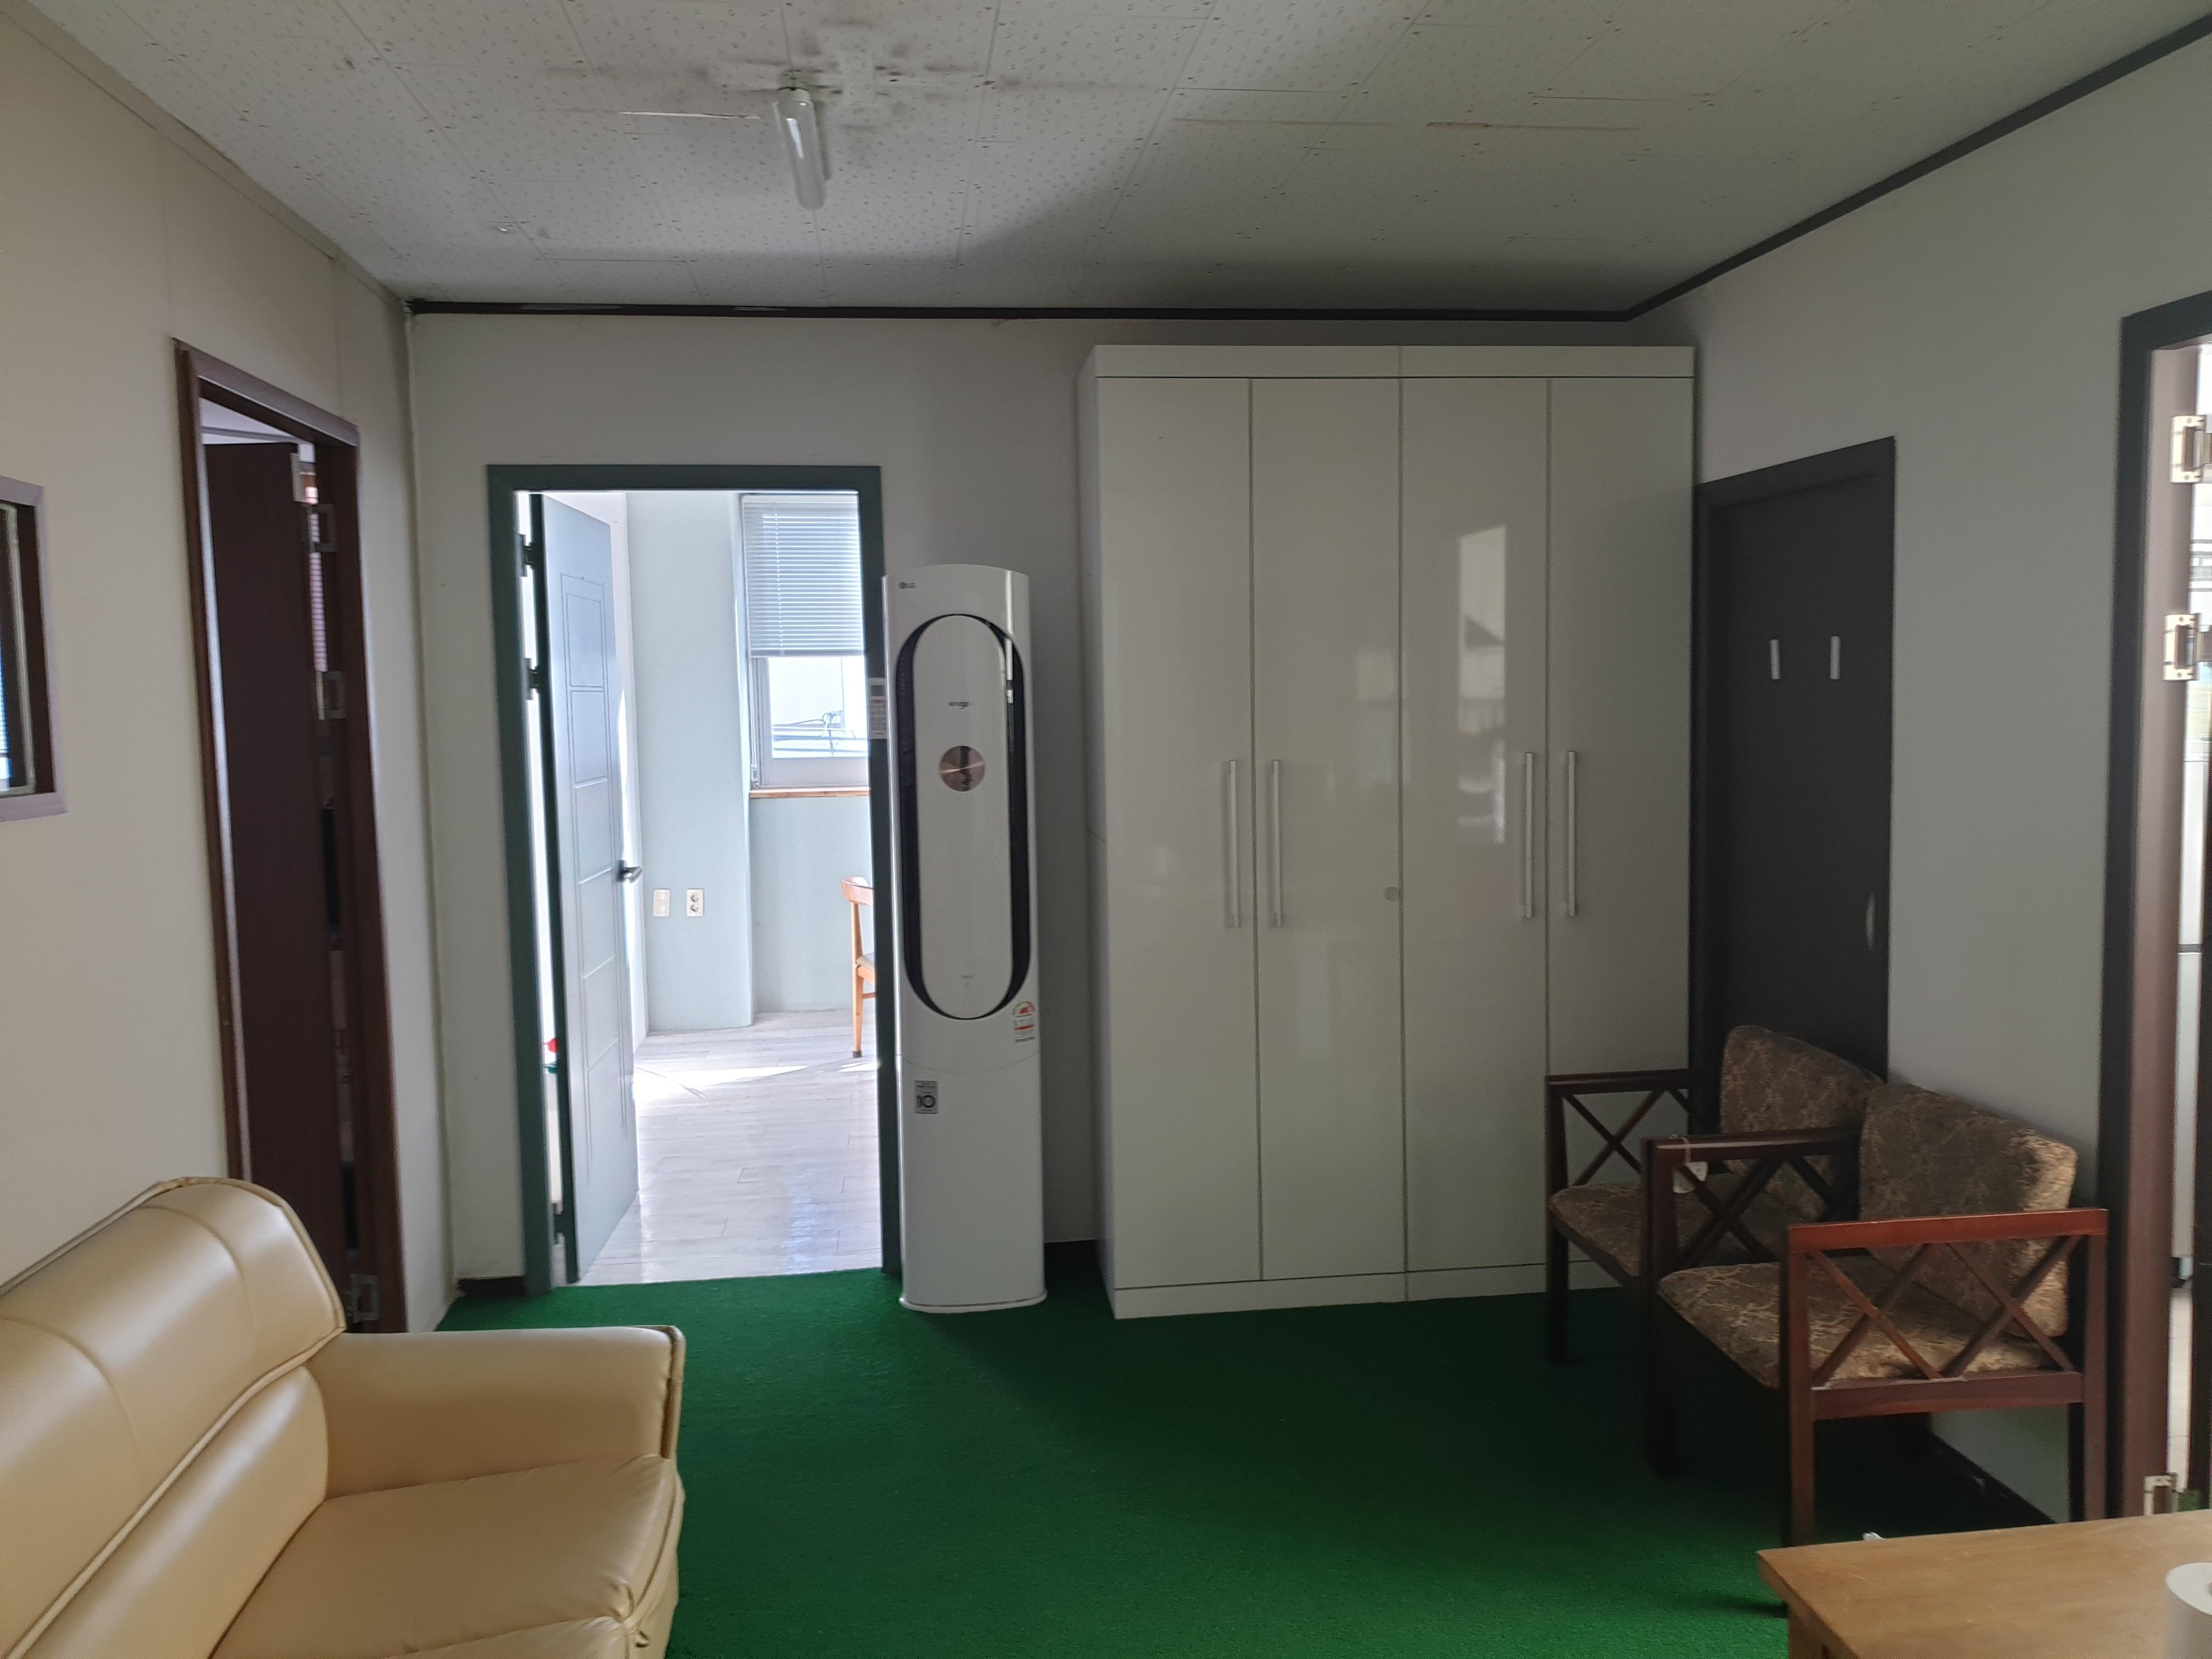 2 번째 사진 단독주택 에  연면적344.98 ㎡ 부산 남구 동명로 석면조사 현장